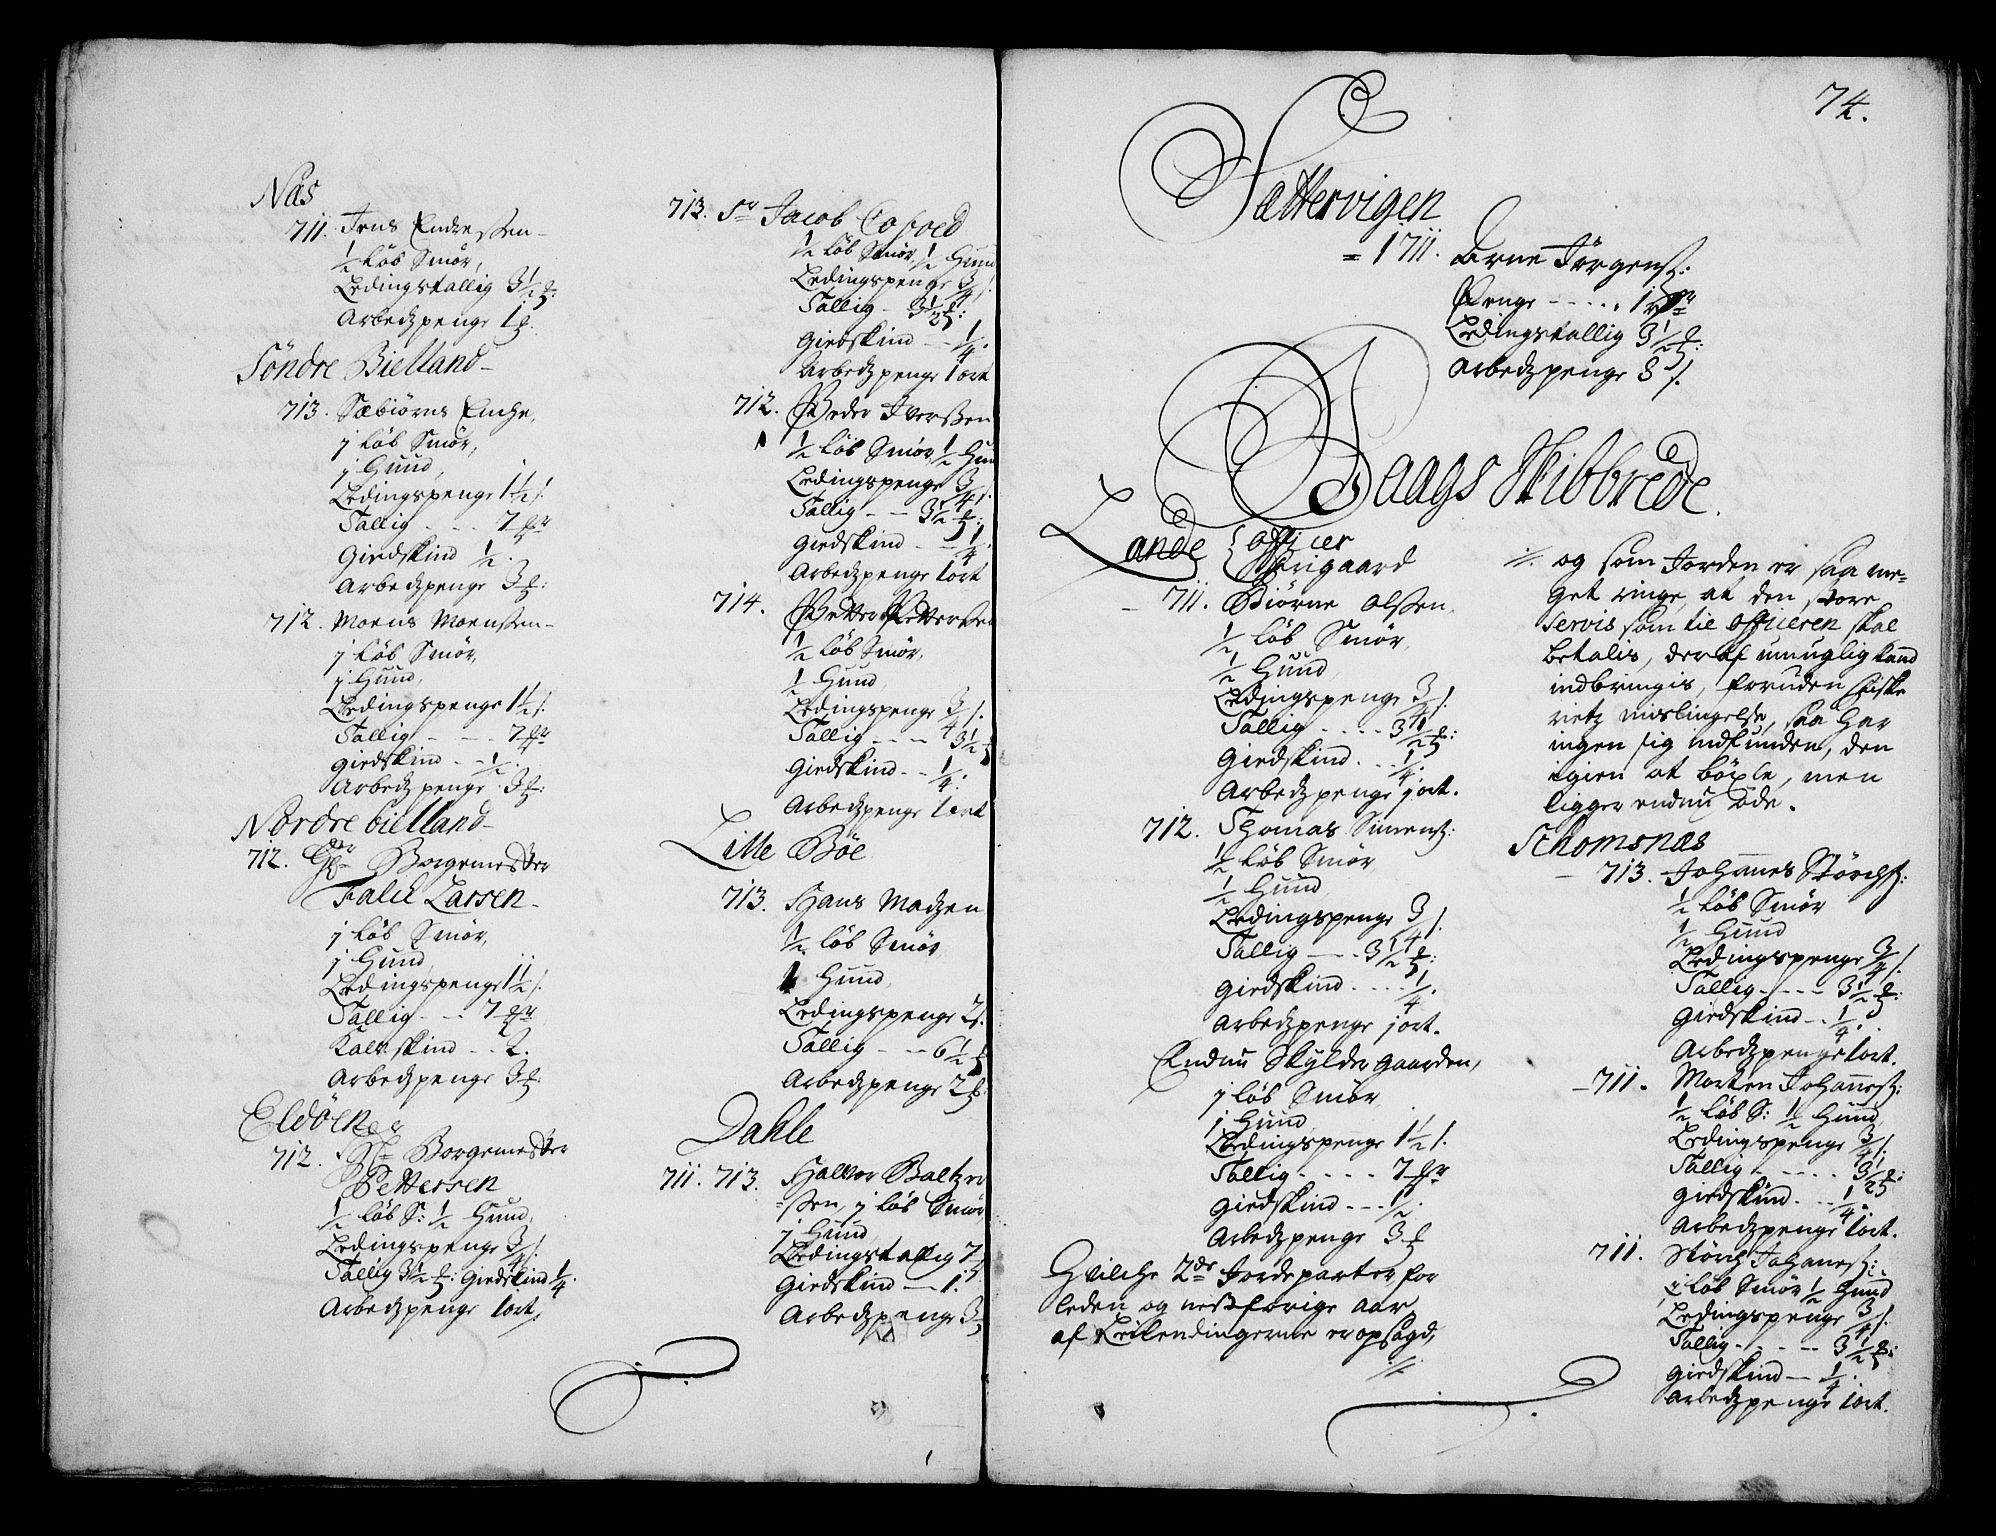 RA, Rentekammeret inntil 1814, Realistisk ordnet avdeling, On/L0003: [Jj 4]: Kommisjonsforretning over Vilhelm Hanssøns forpaktning av Halsnøy klosters gods, 1712-1722, s. 73b-74a